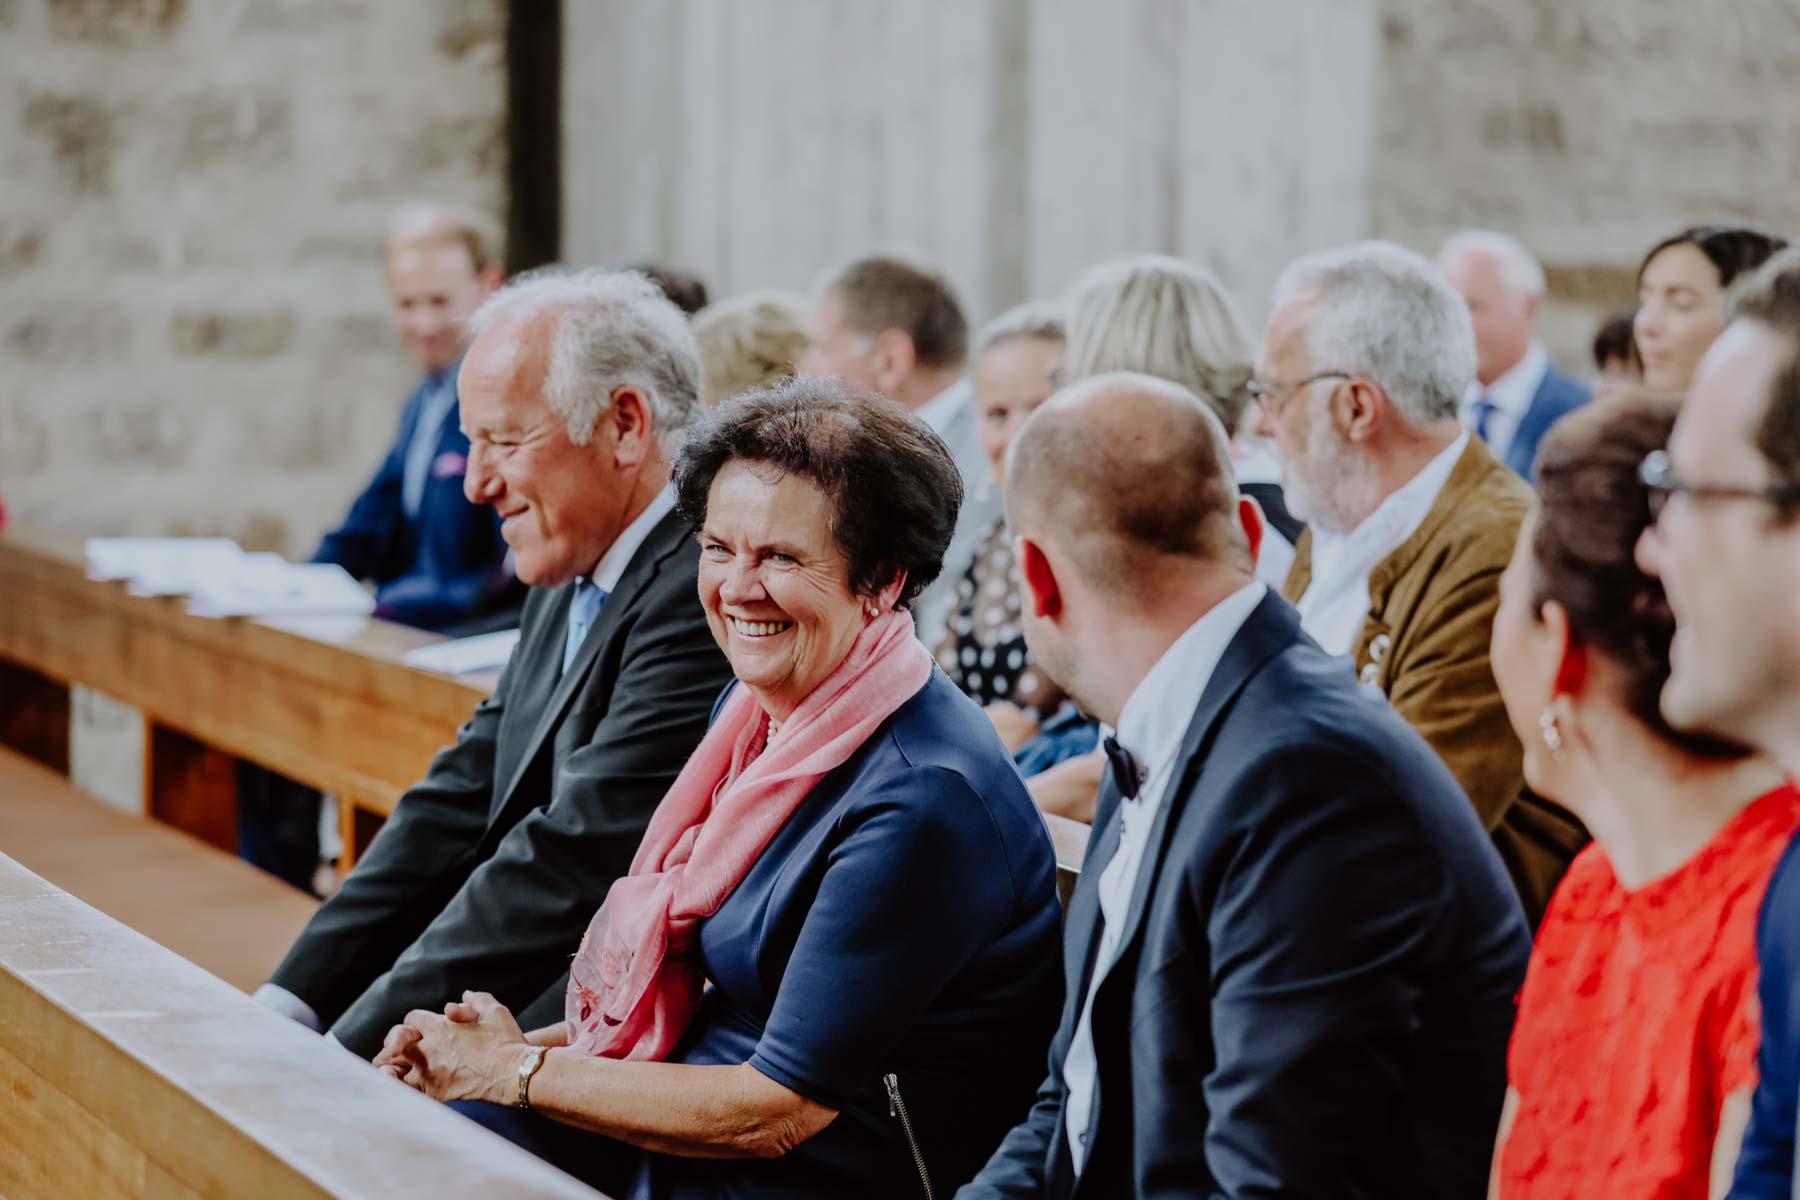 Gäste auf Kirchenbänken